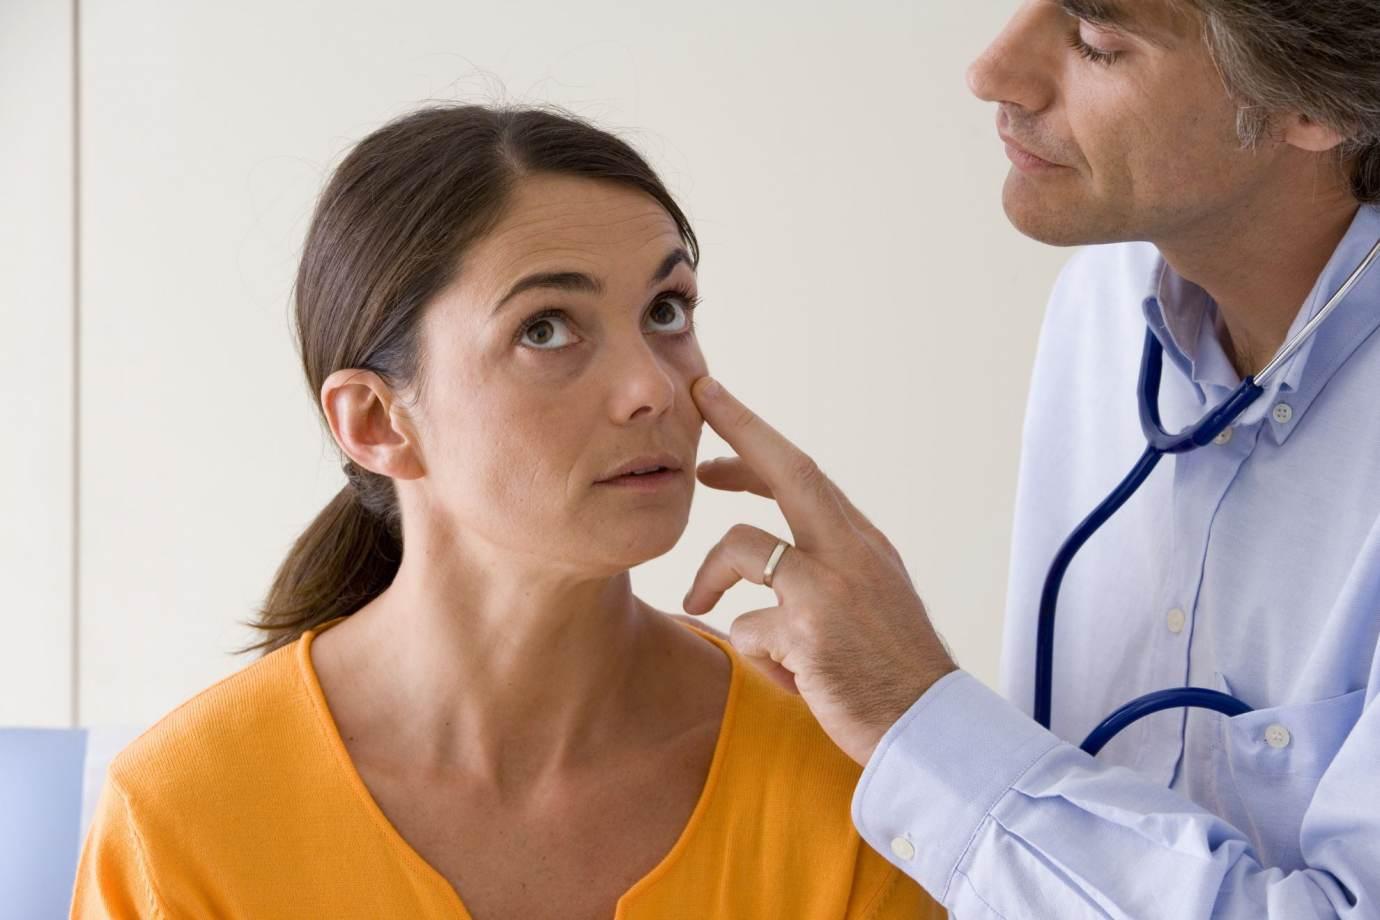 adobestock 158983125 Niedokrwistość (anemia)- przyczyny, objawy, leczenie, zapobieganie